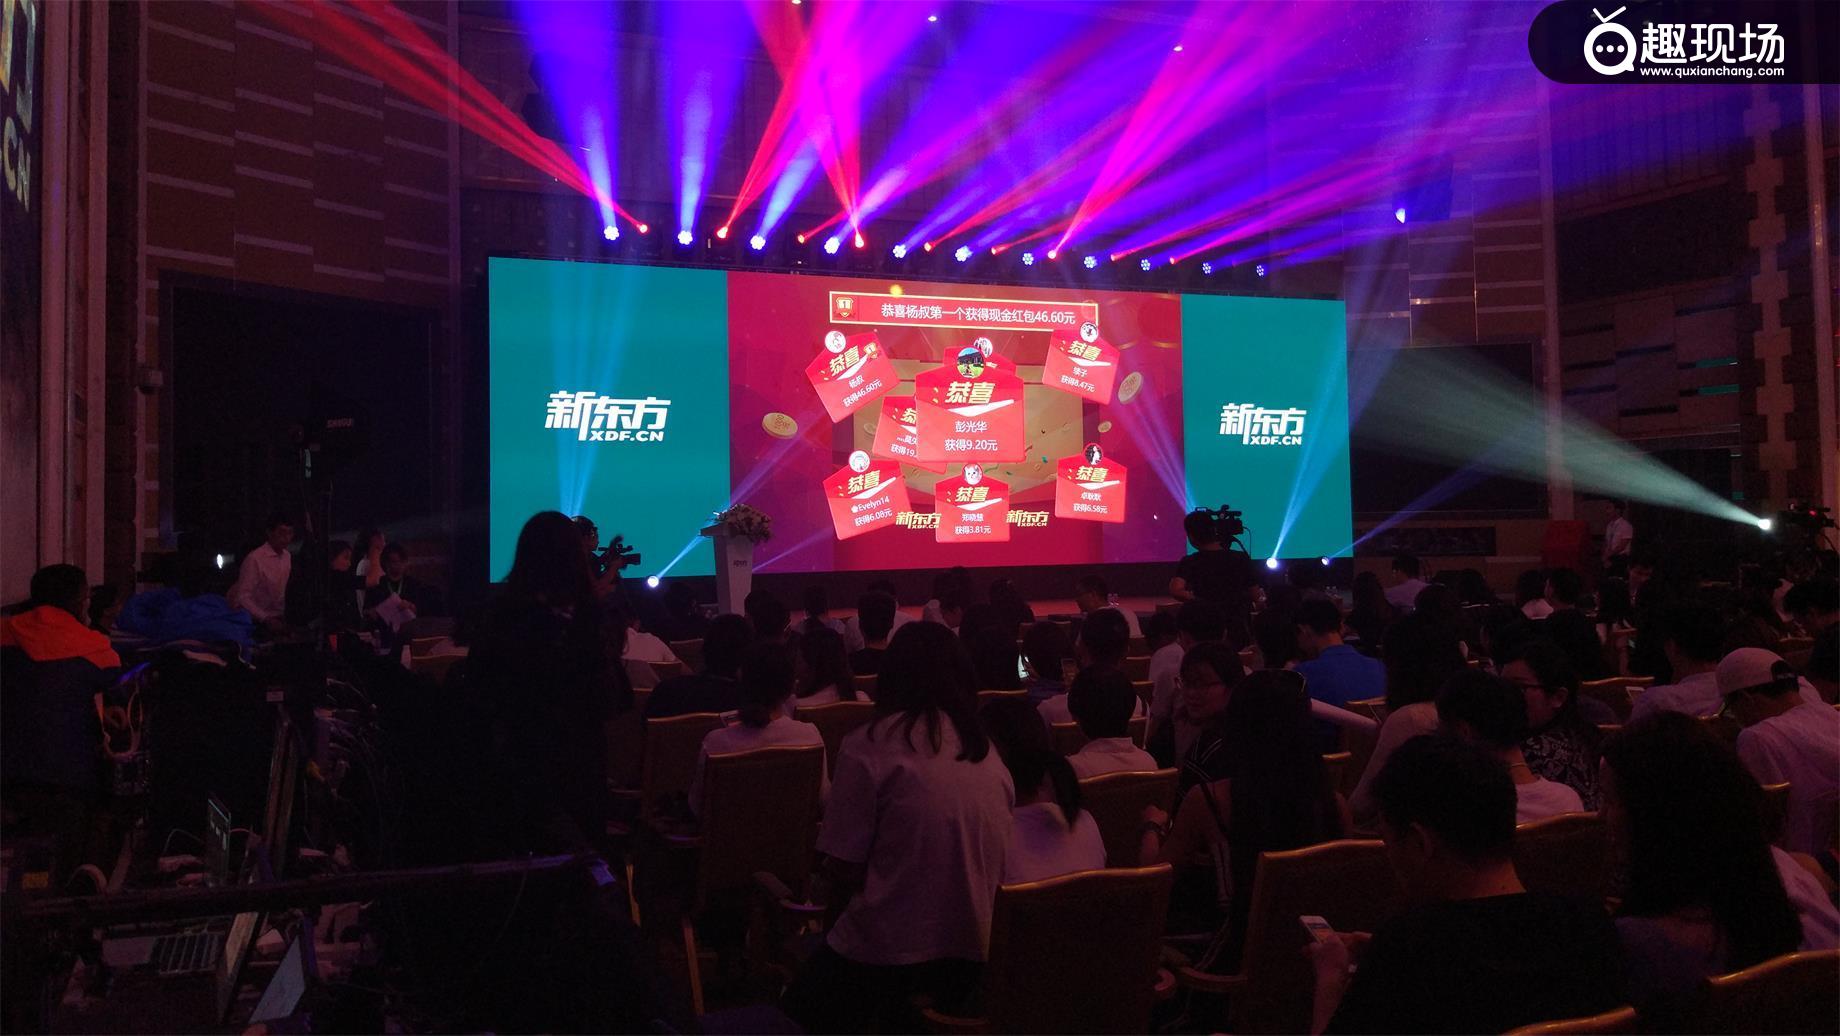 趣现场——携手新东方一起走进北京大学校园宣讲会